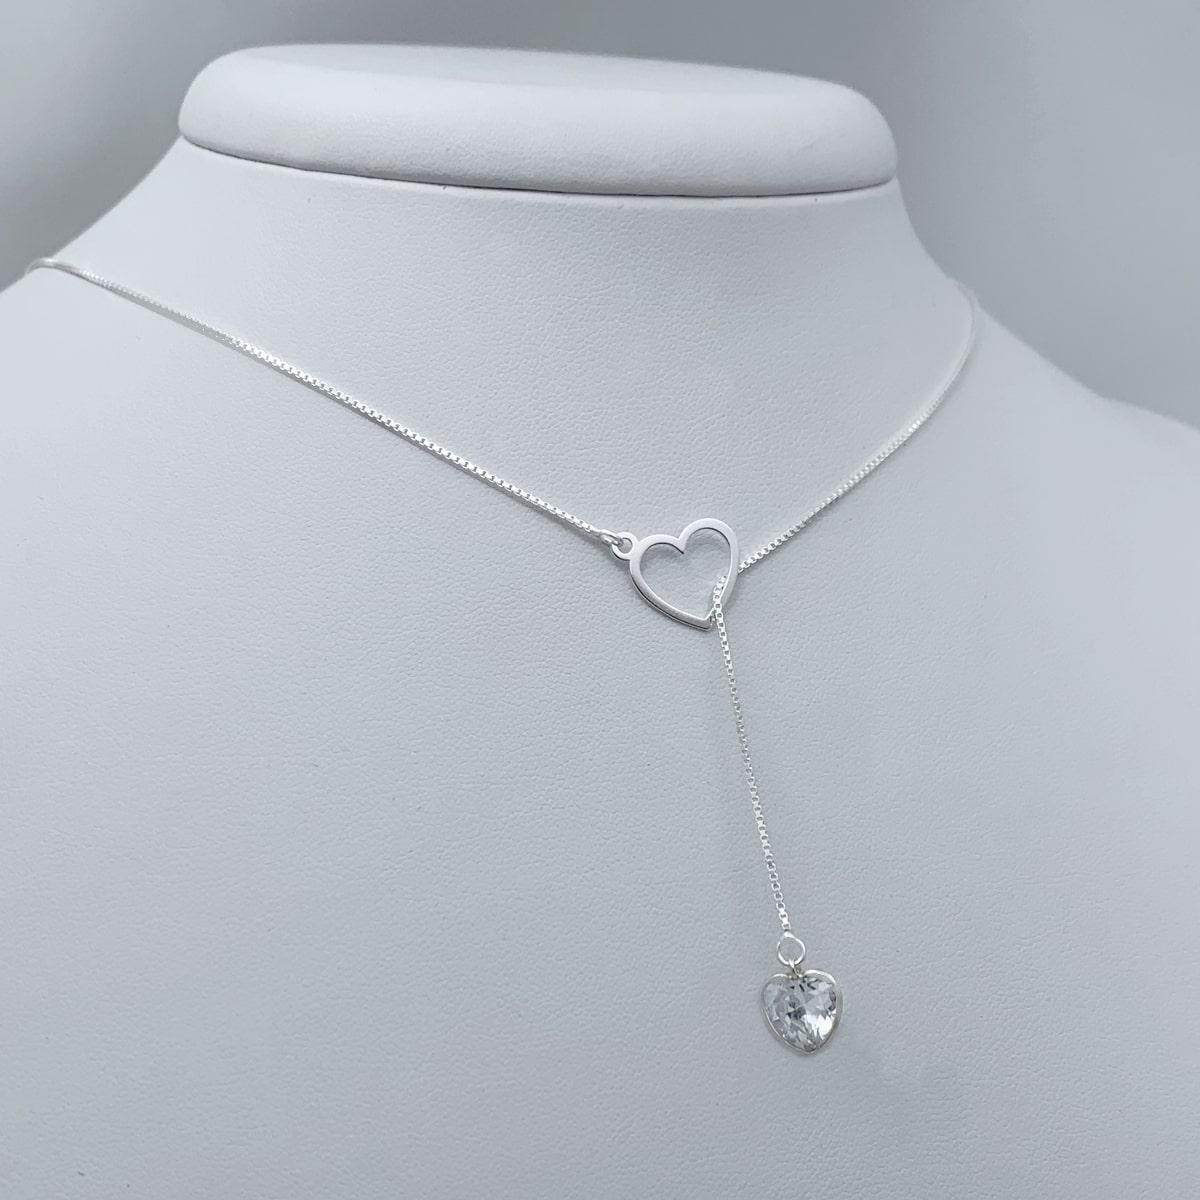 Colar Gravata Coração com Pedra Zircônia Prata 925, Corrente de Prata